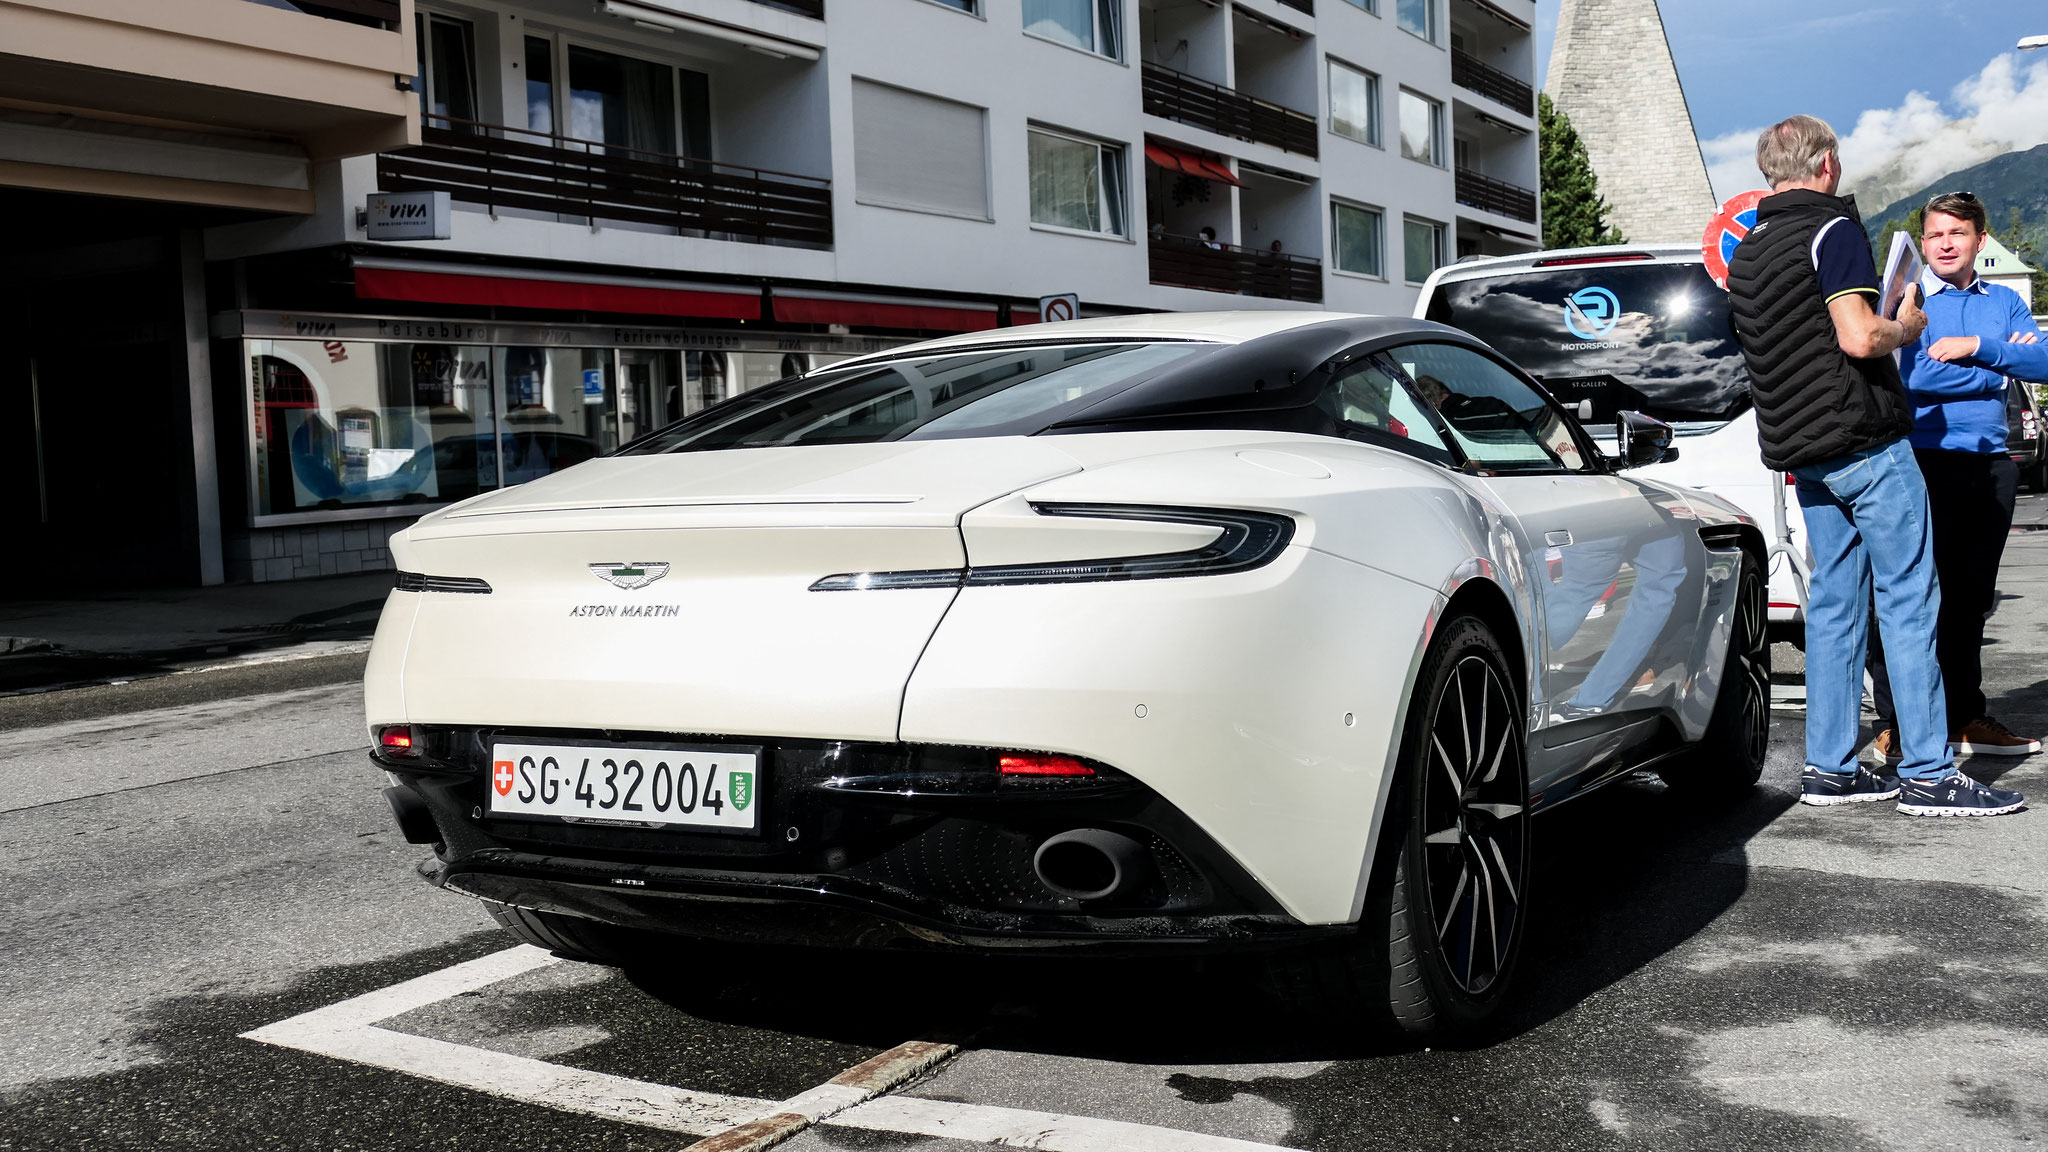 Aston Martin DB11 - SG-432004 (CH)